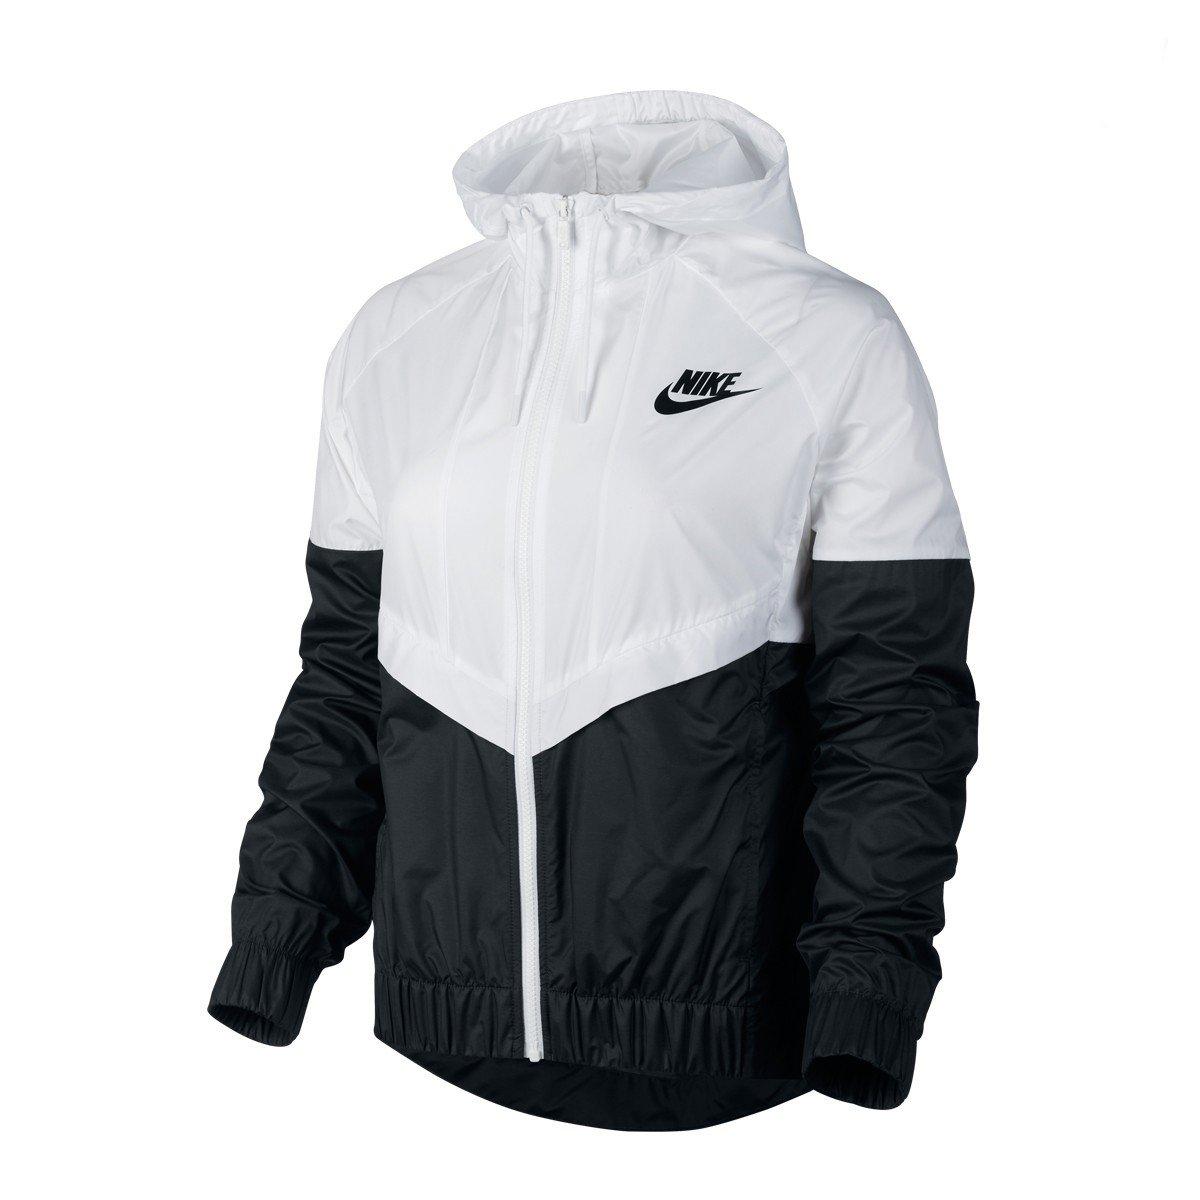 Jaqueta Nike Windrunner Branco E Preto